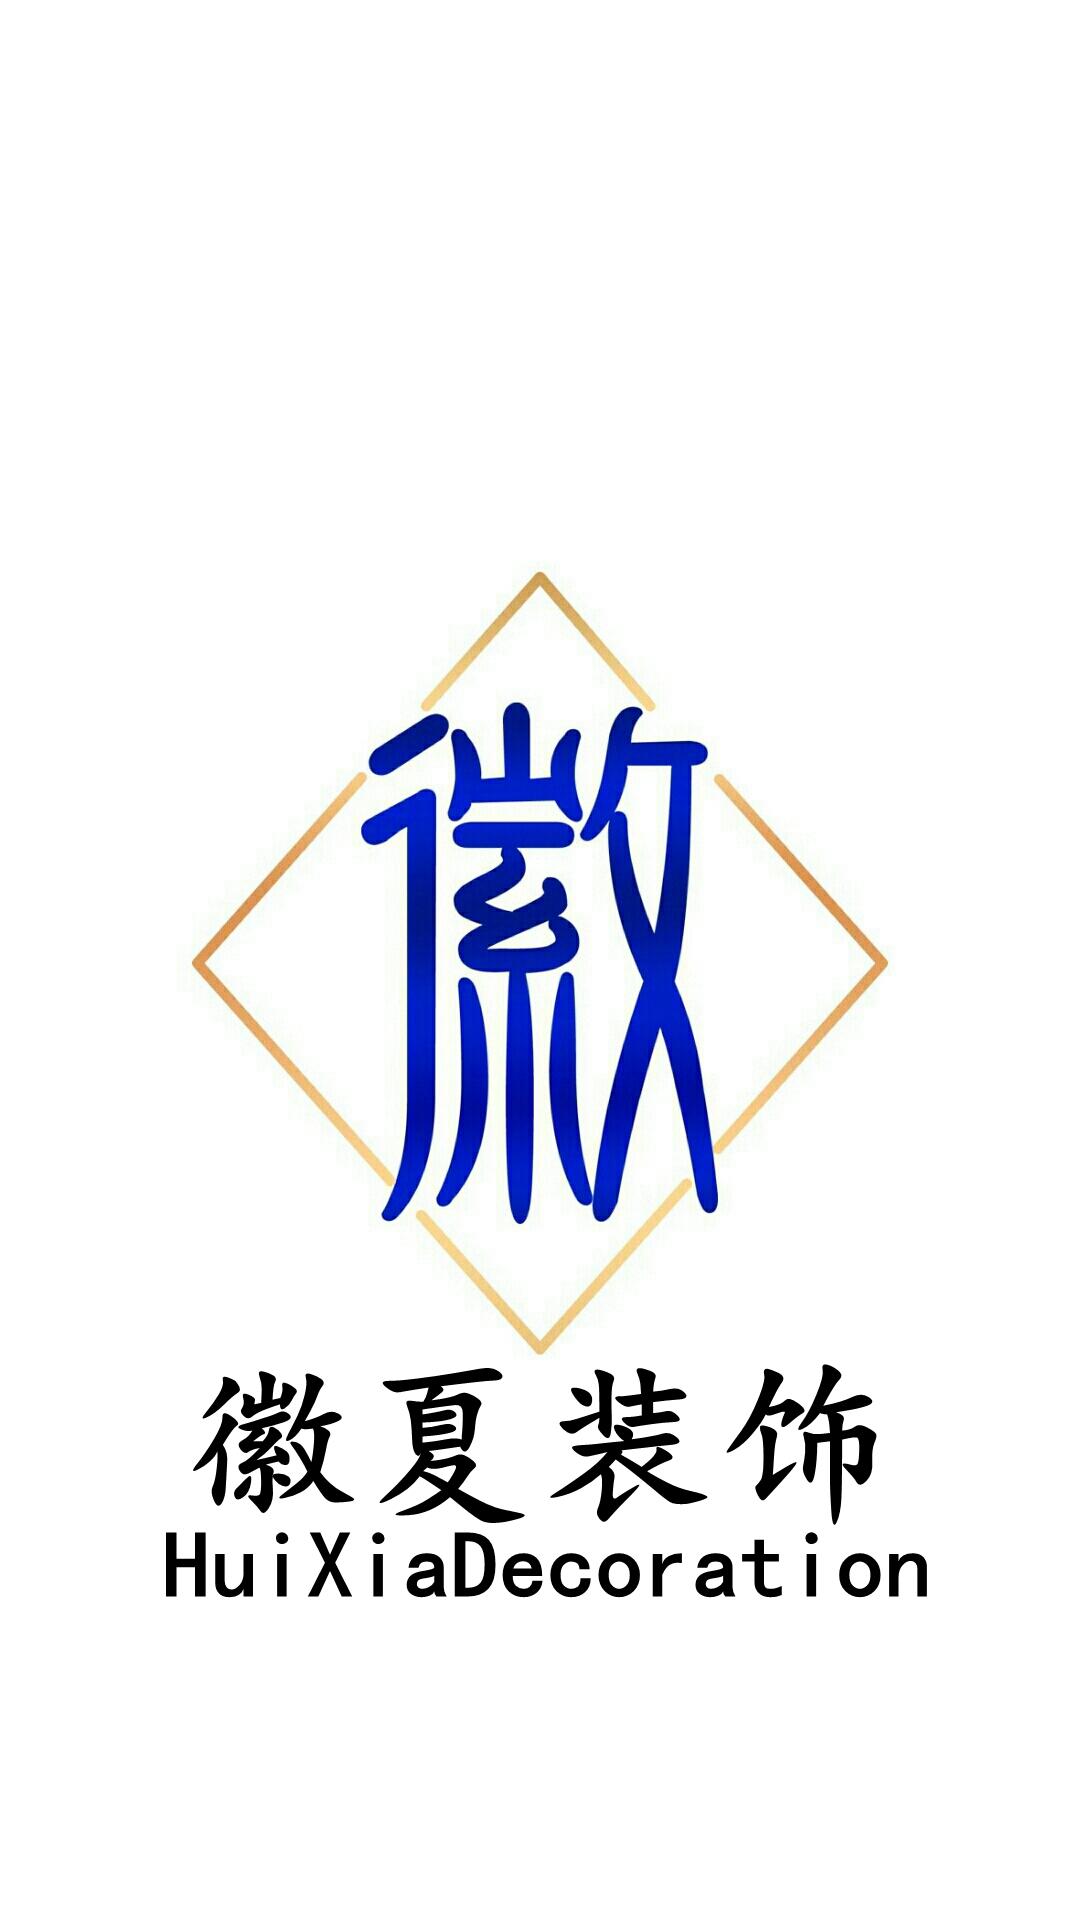 内蒙古徽夏建筑工程有限公司 - 呼和浩特装修公司